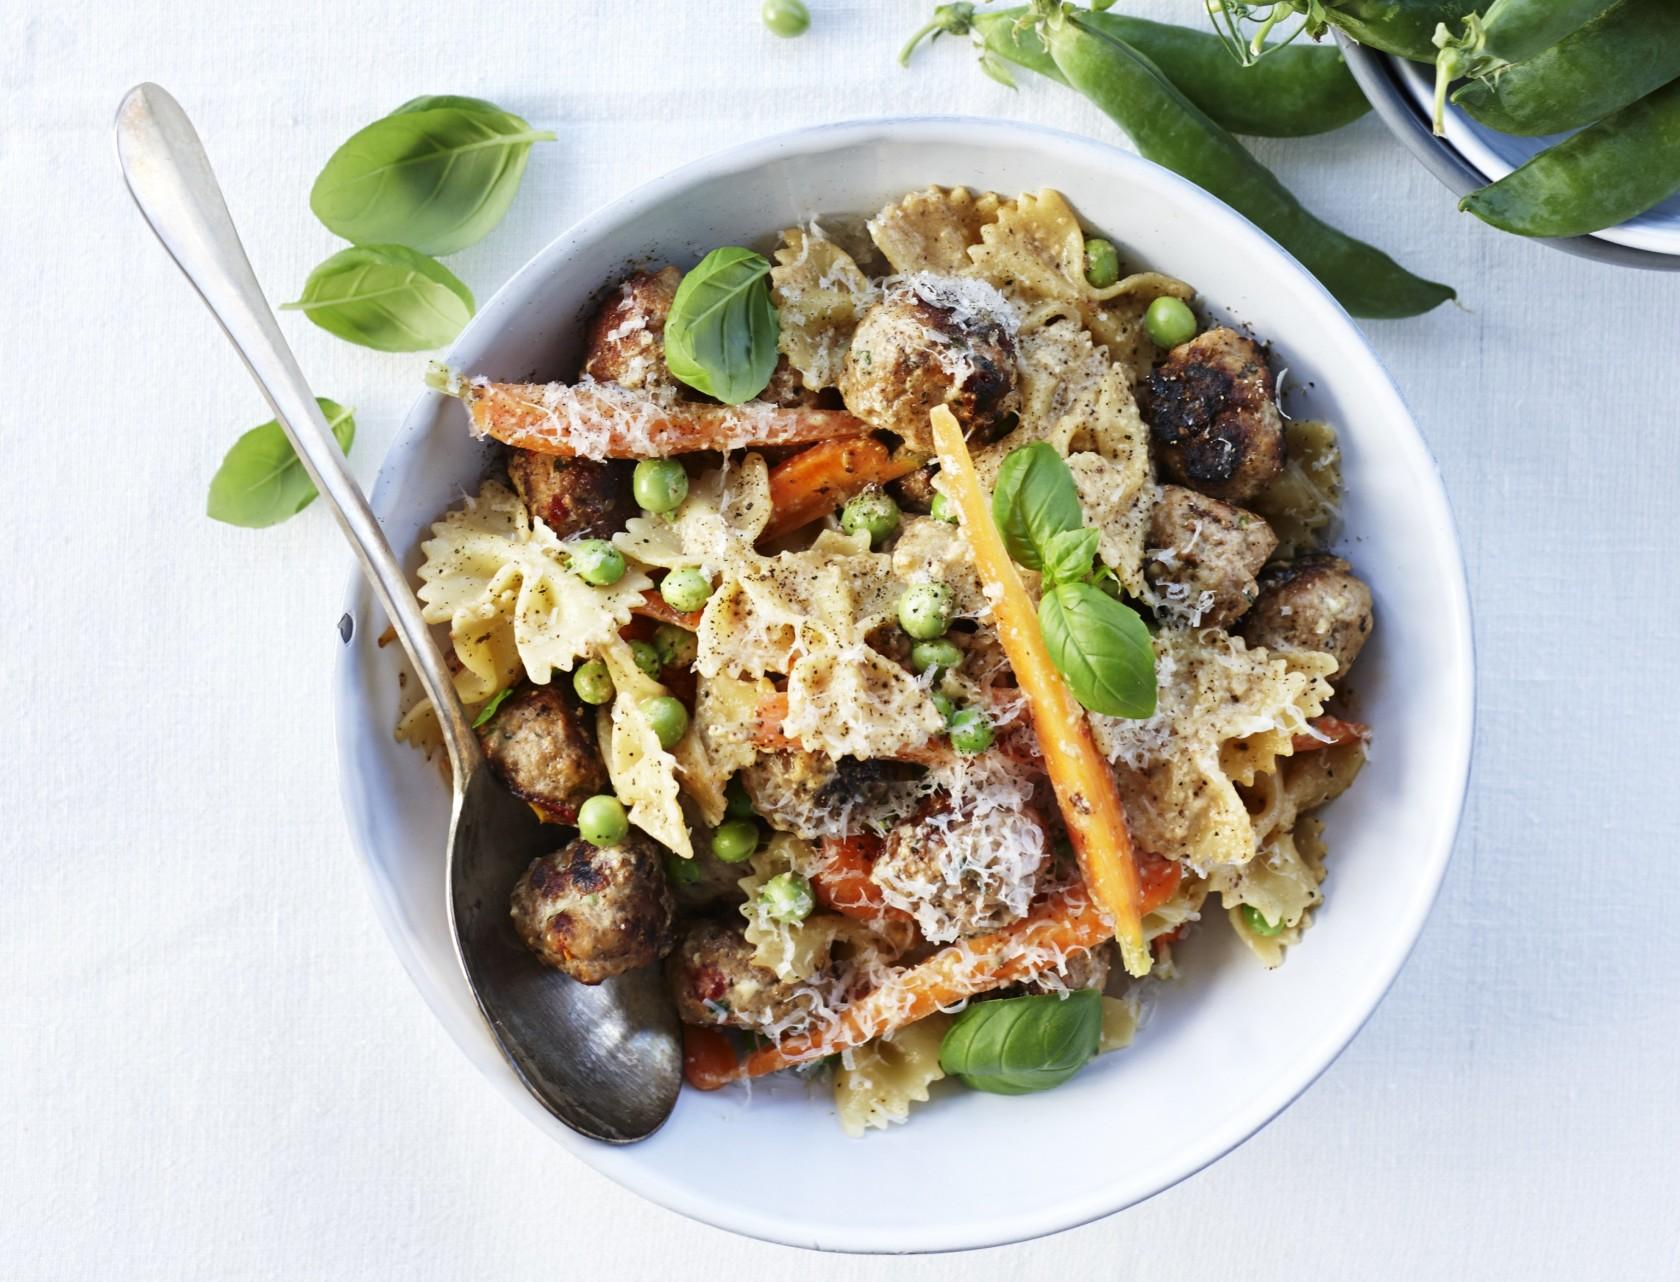 Pasta med kødboller, gulerødder og ærter